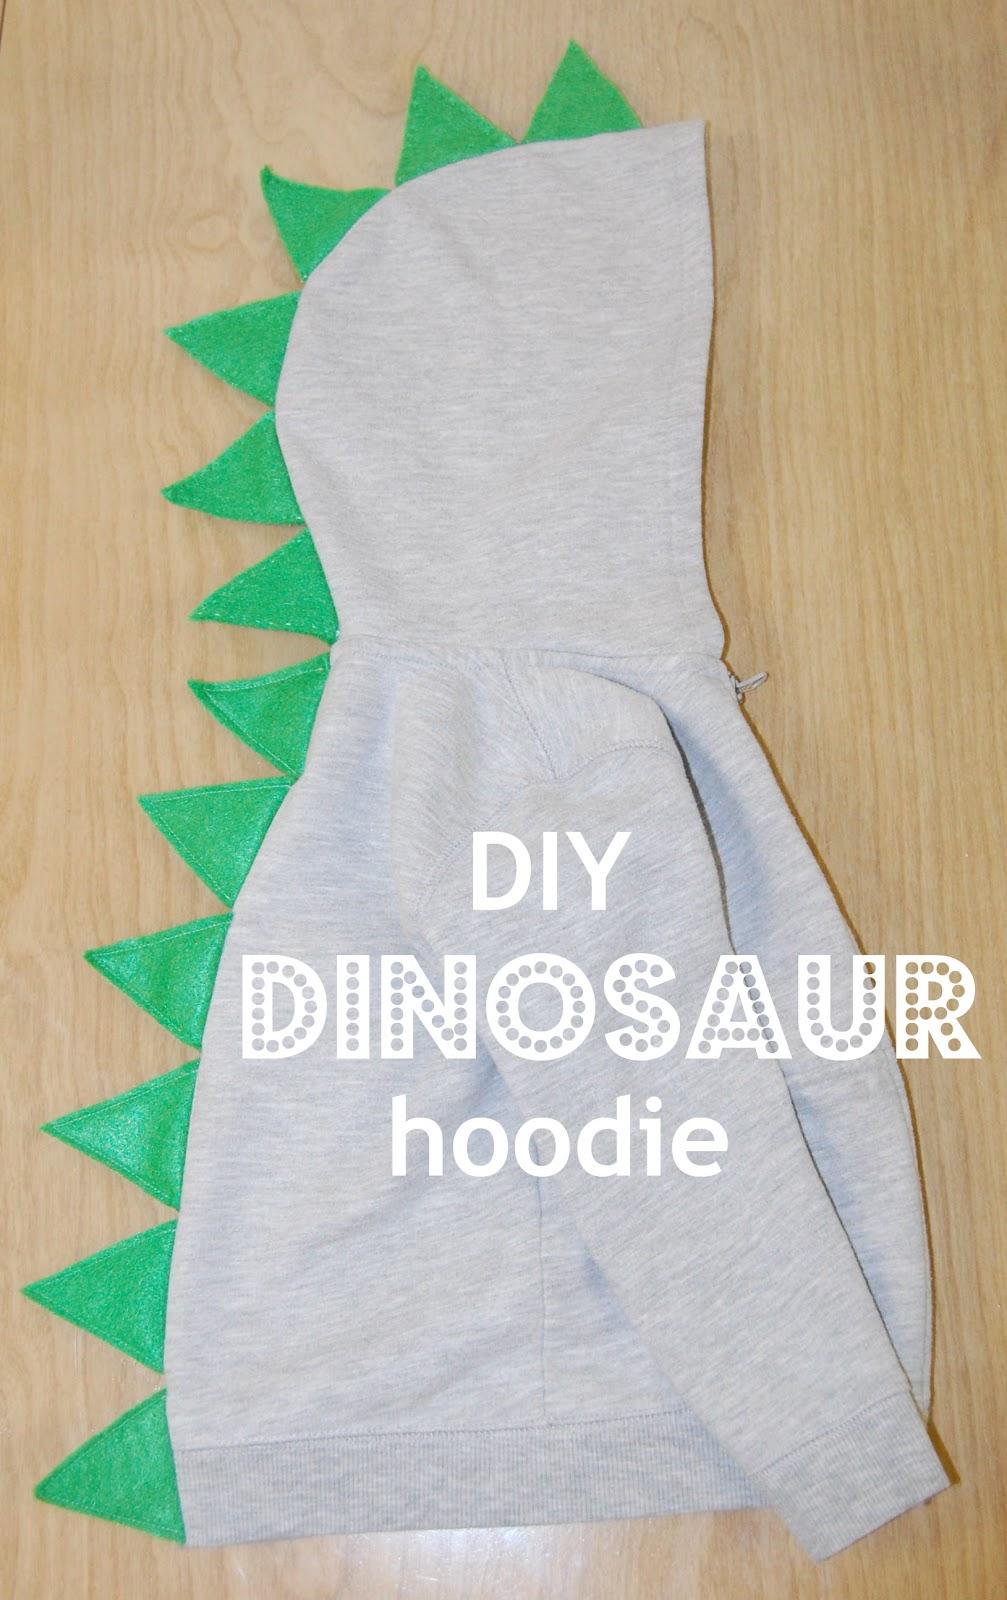 diy dinosaur hoodie tutorial